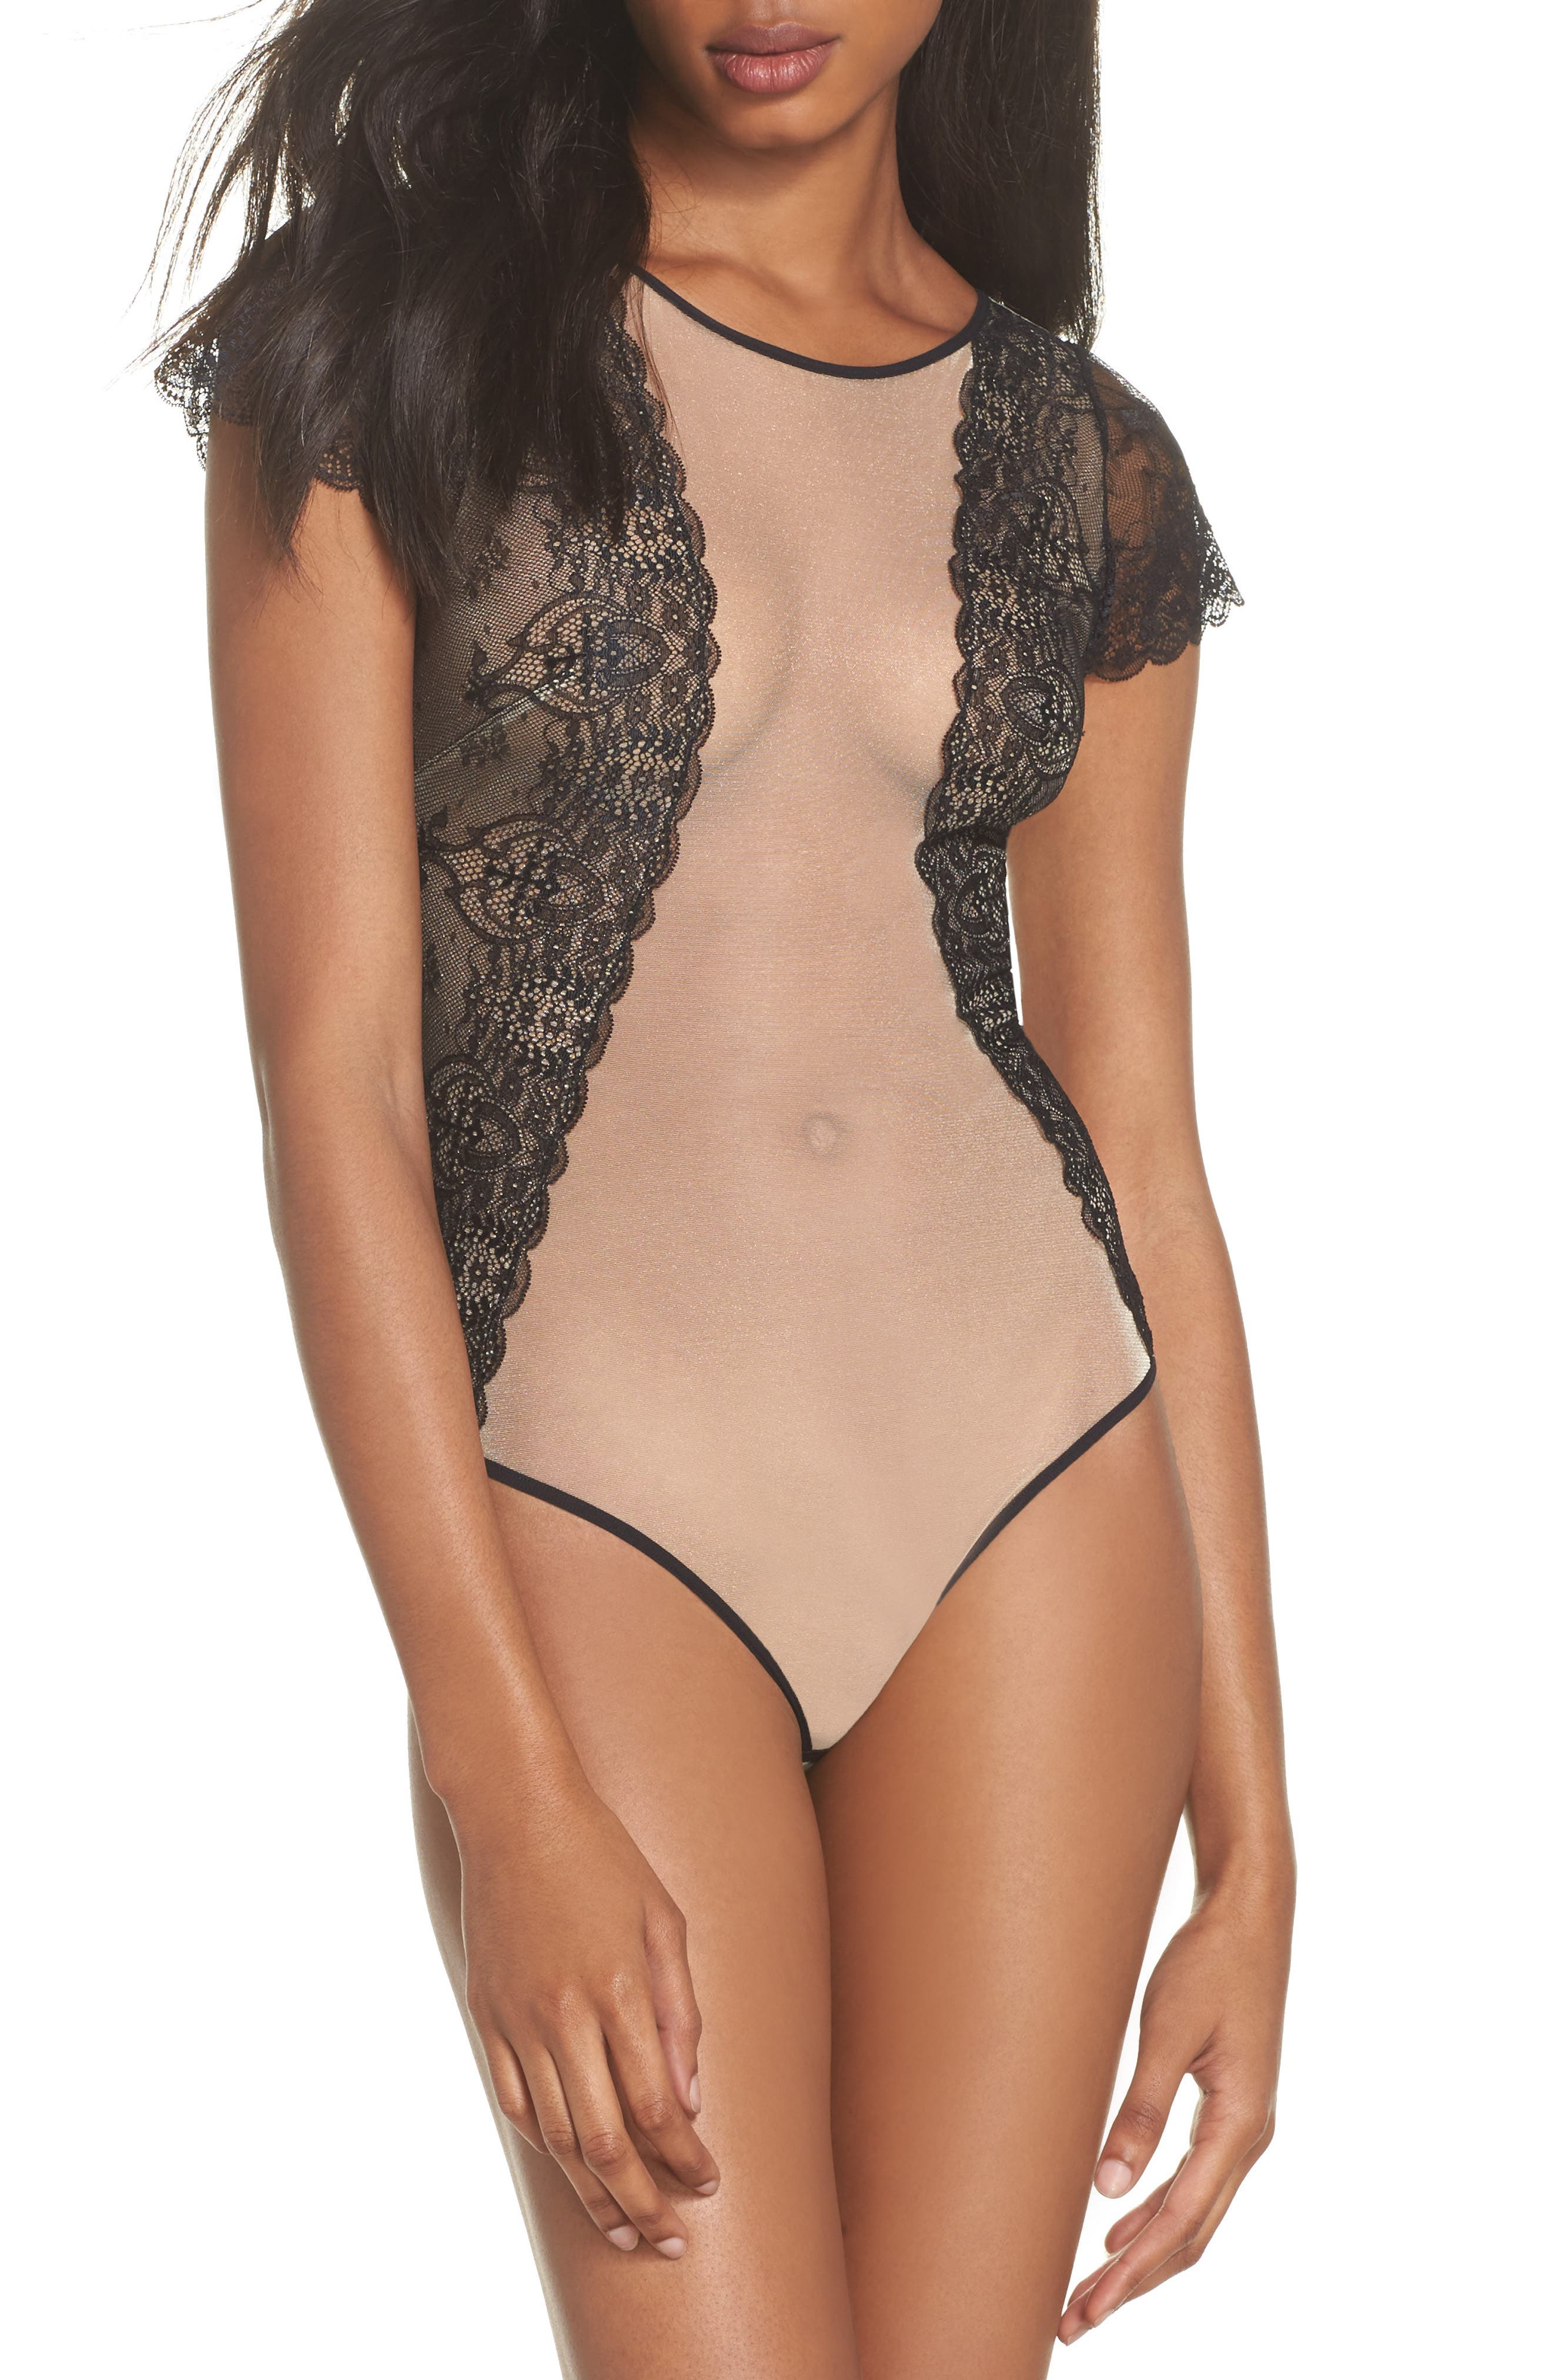 L'Antichambre Mesh & Lace Thong Bodysuit,                         Main,                         color, Black / Nude